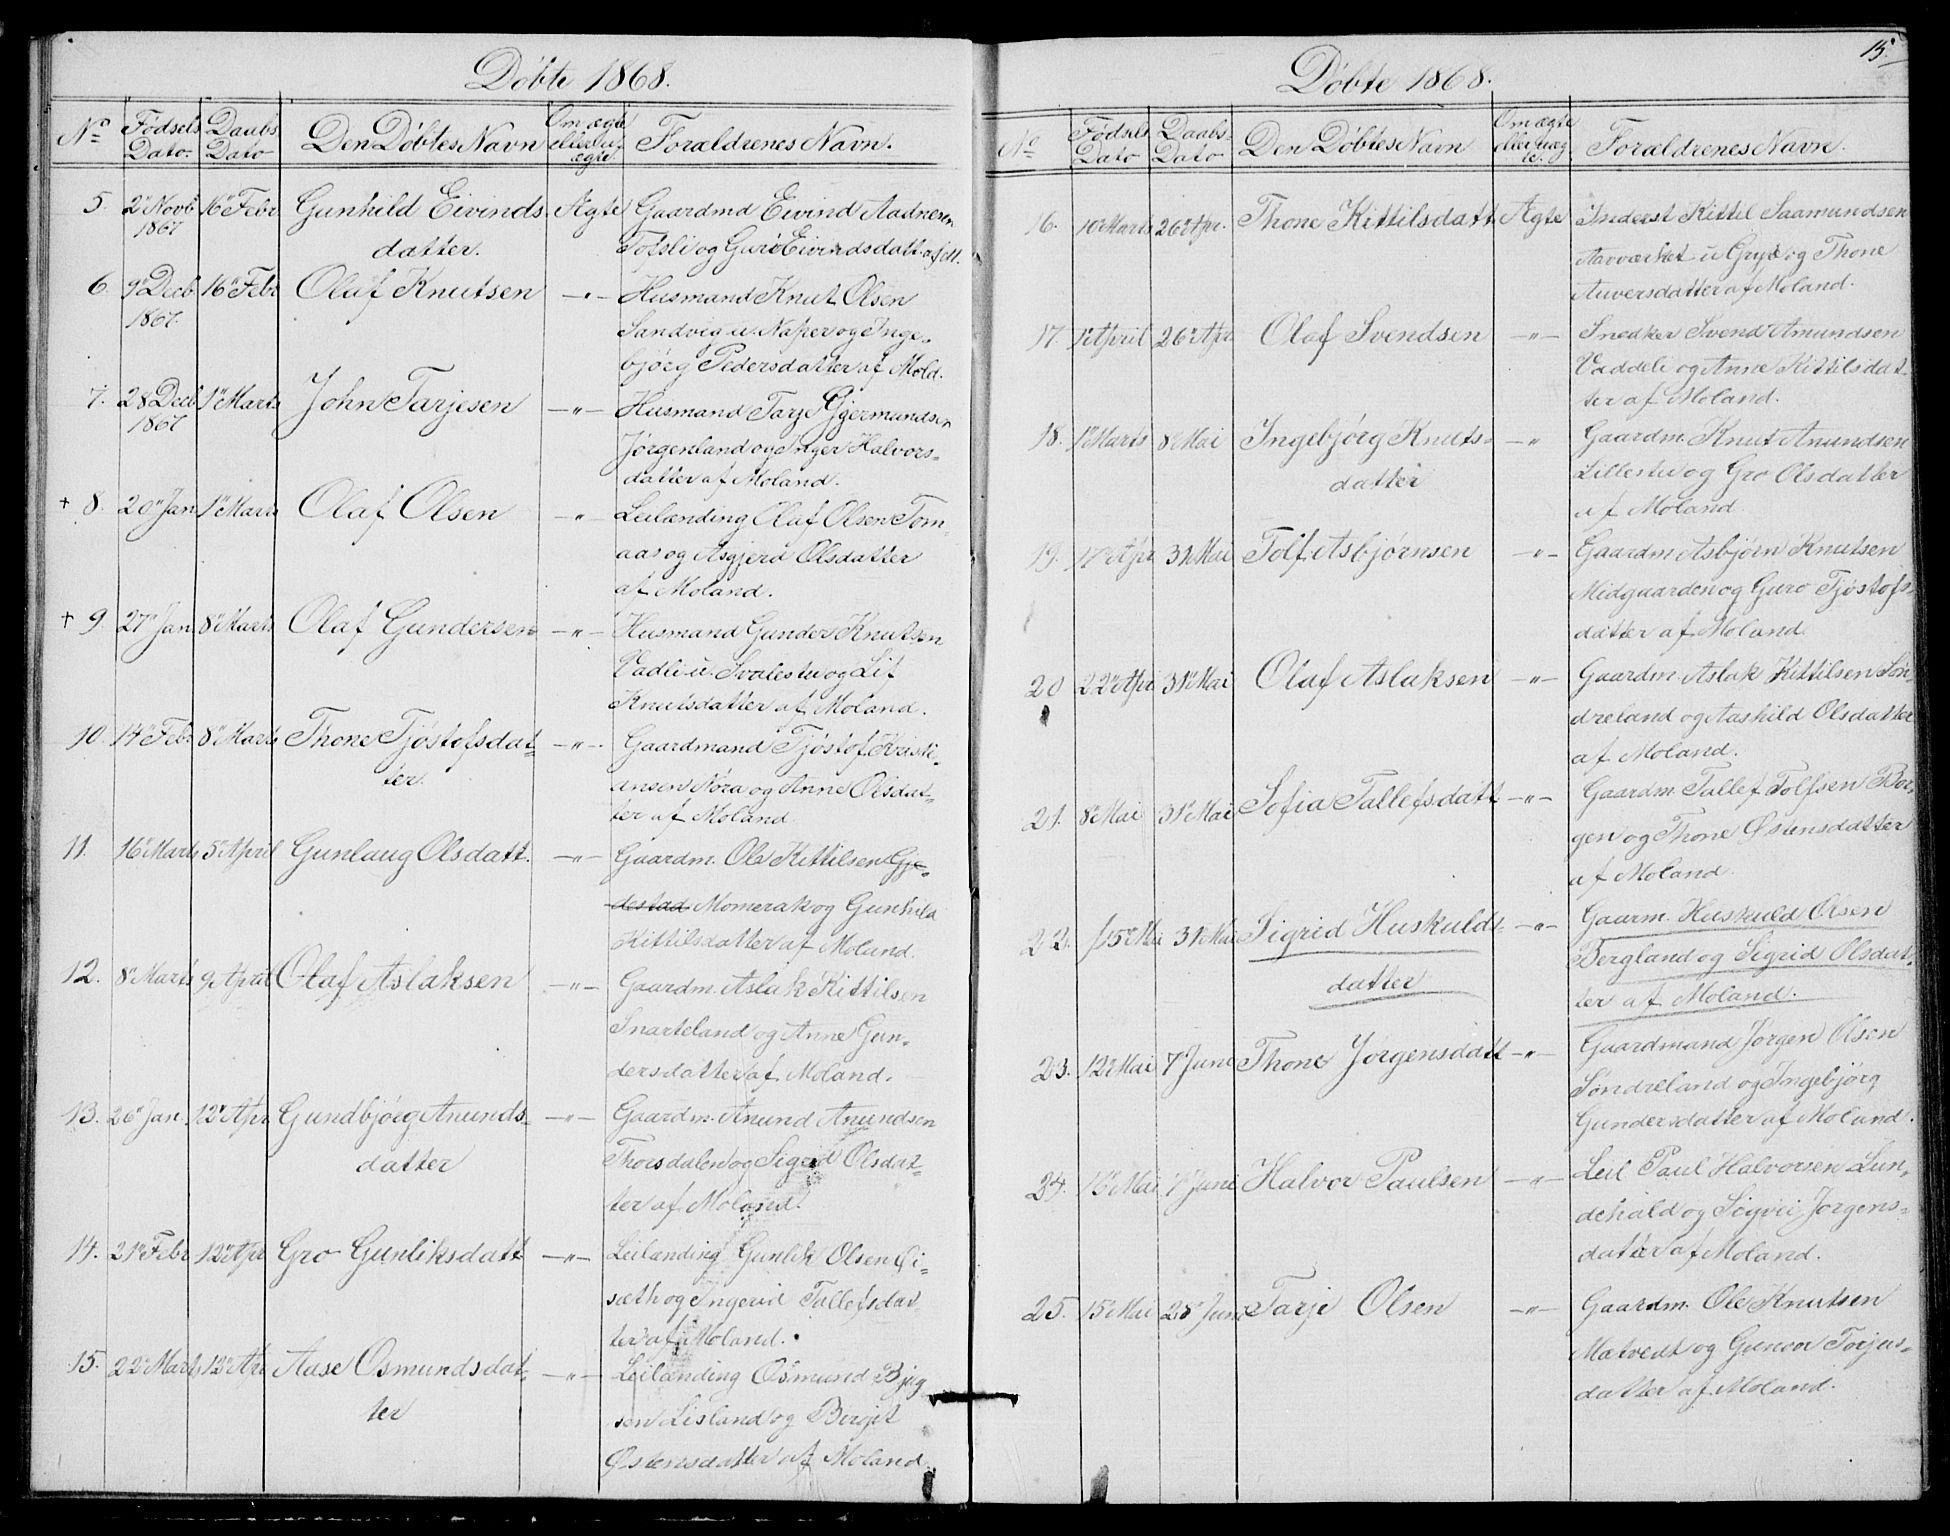 SAKO, Fyresdal kirkebøker, G/Ga/L0004: Klokkerbok nr. I 4, 1864-1892, s. 15